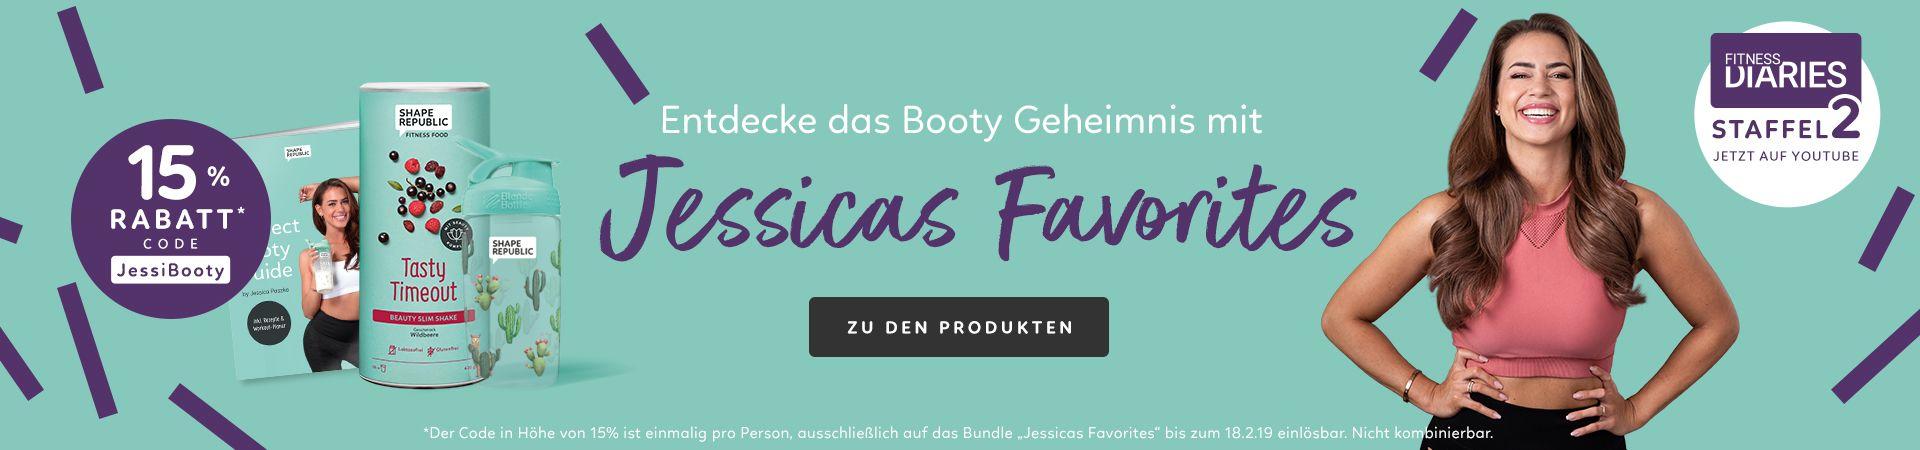 Entdecke das Booty Geheimnis mit Jessicas Favorites. Mit dem Gutscheincode JessiBooty erhältst du 15% Rabatt auf das Paket zur 2. Staffel Fitness Diaries auf Youtube.